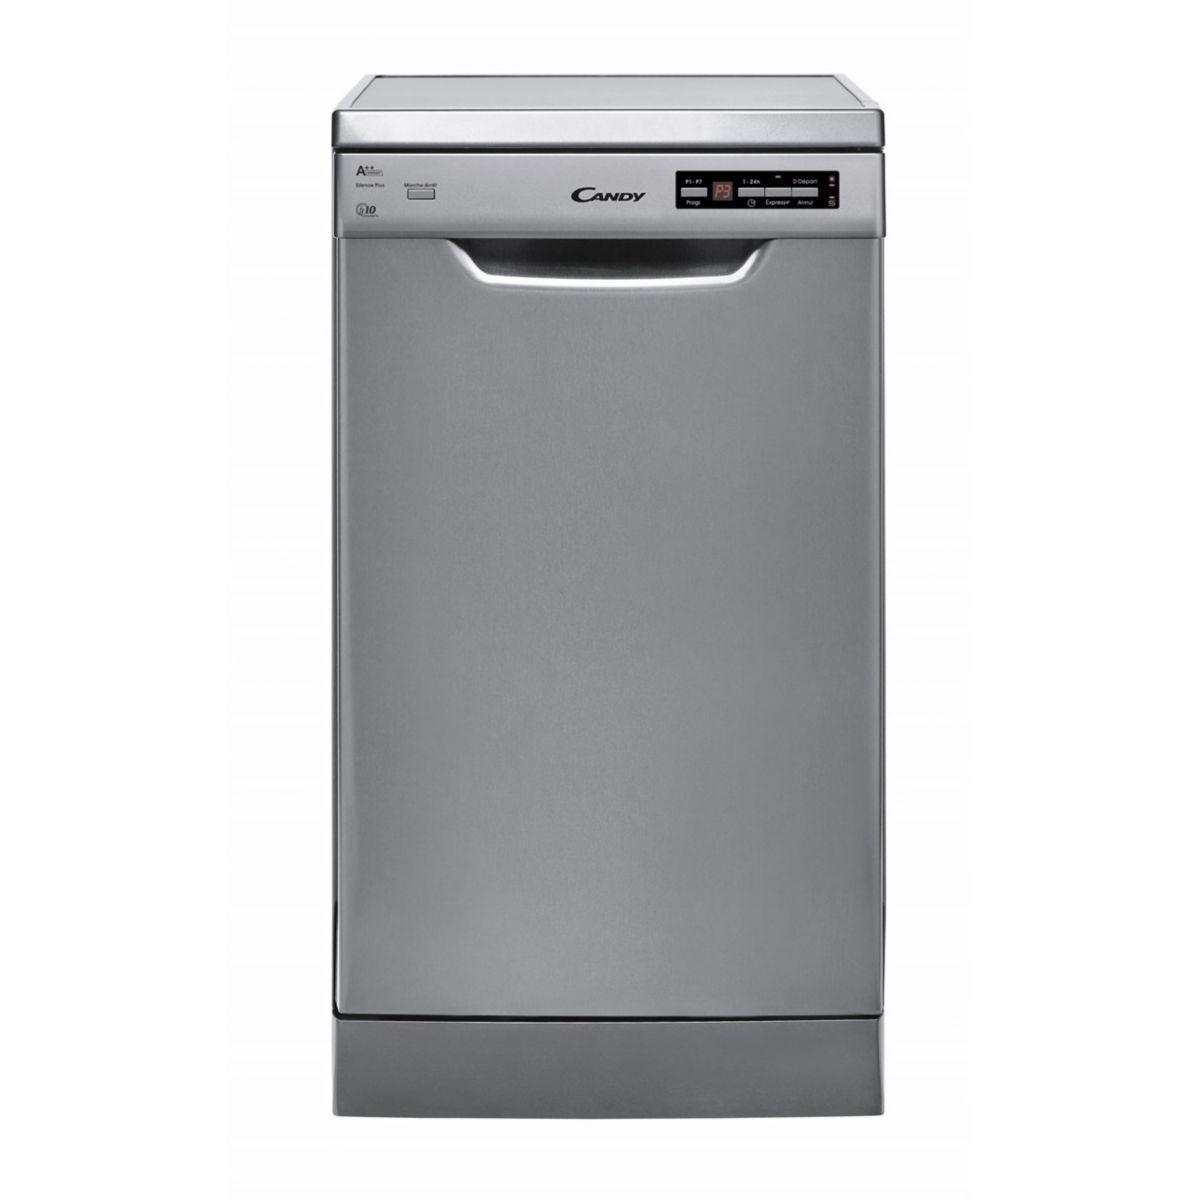 Lave vaisselle 45 cm candy cdp 2d1047x-47 - livraison offerte : code livp